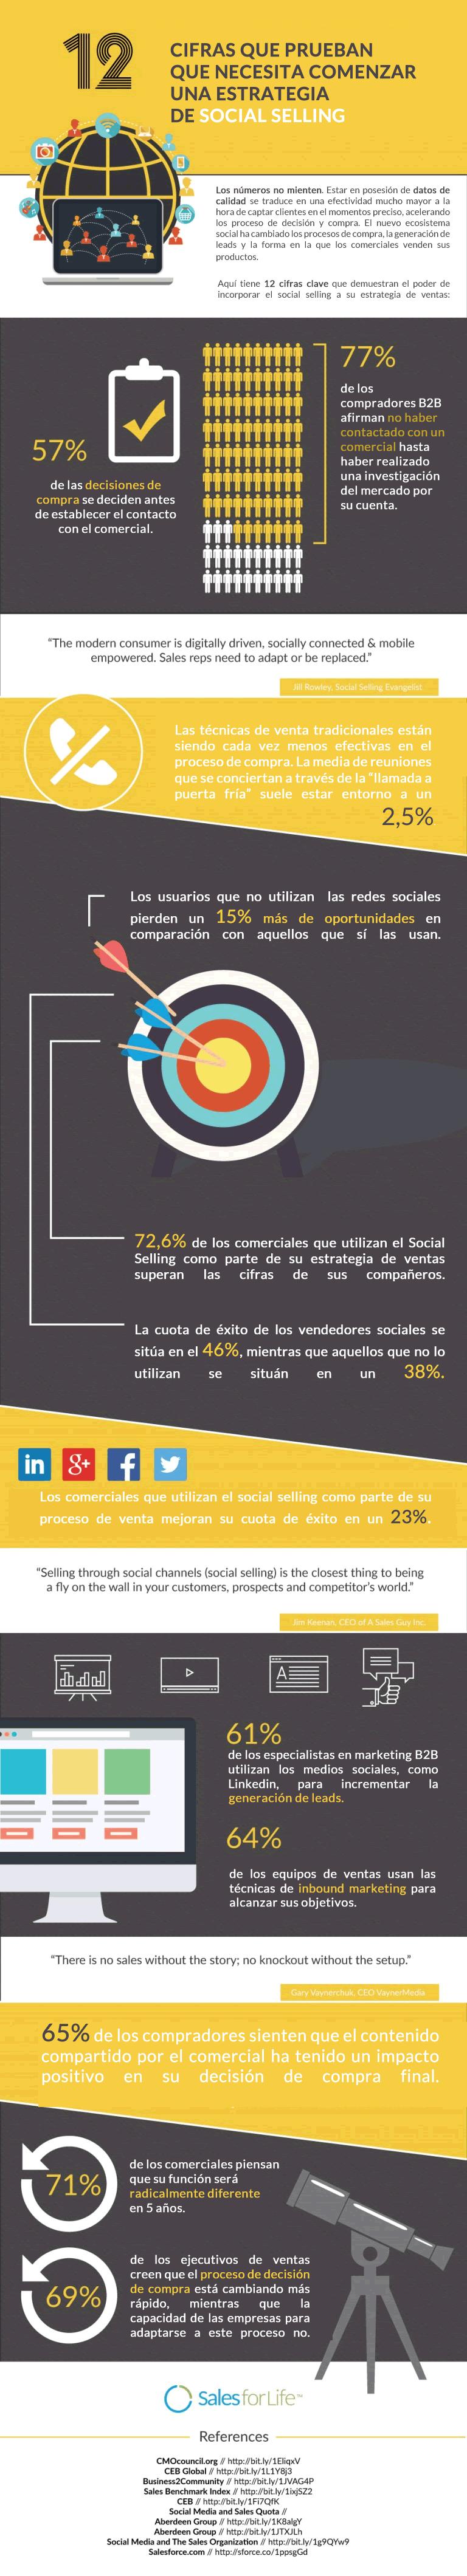 2 cifras clave que demuestran el poder de incorporar el social selling a su estrategia de ventas